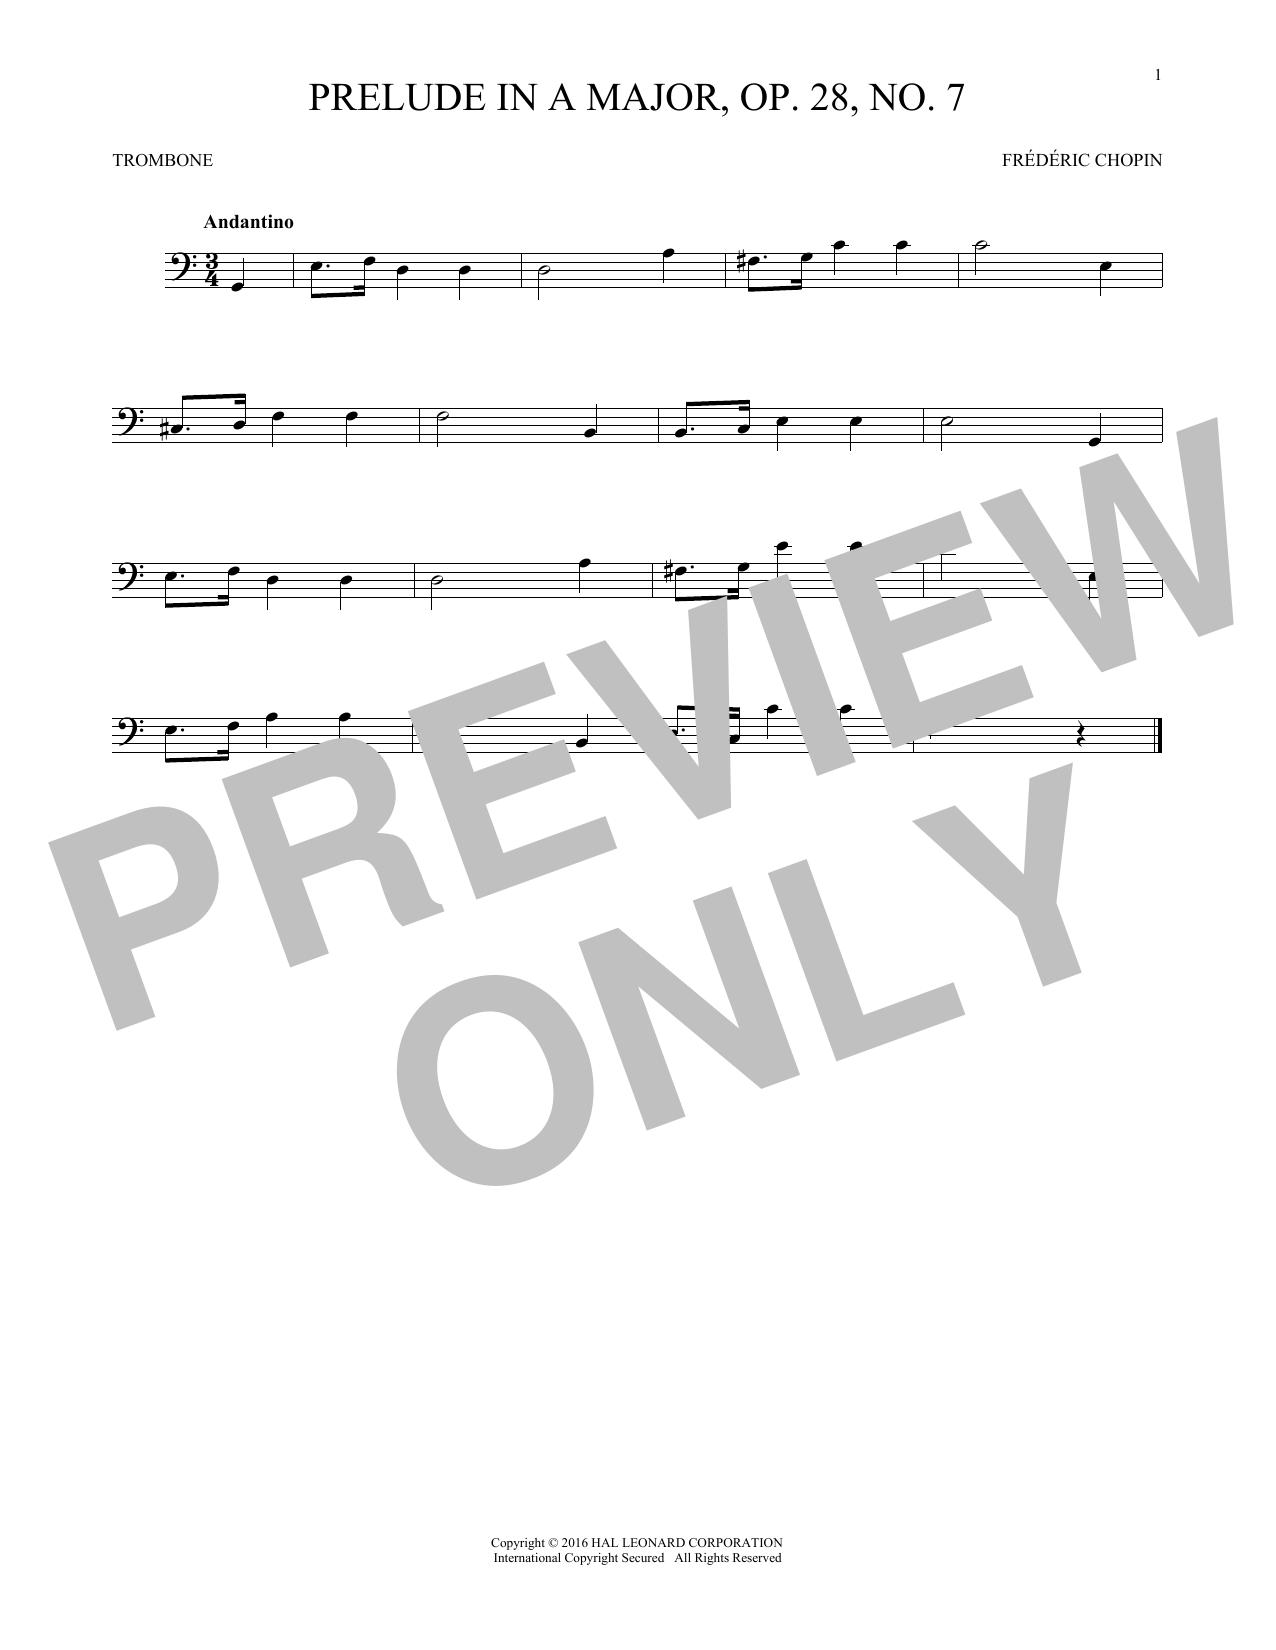 Prelude In A Major, Op. 28, No. 7 (Trombone Solo)